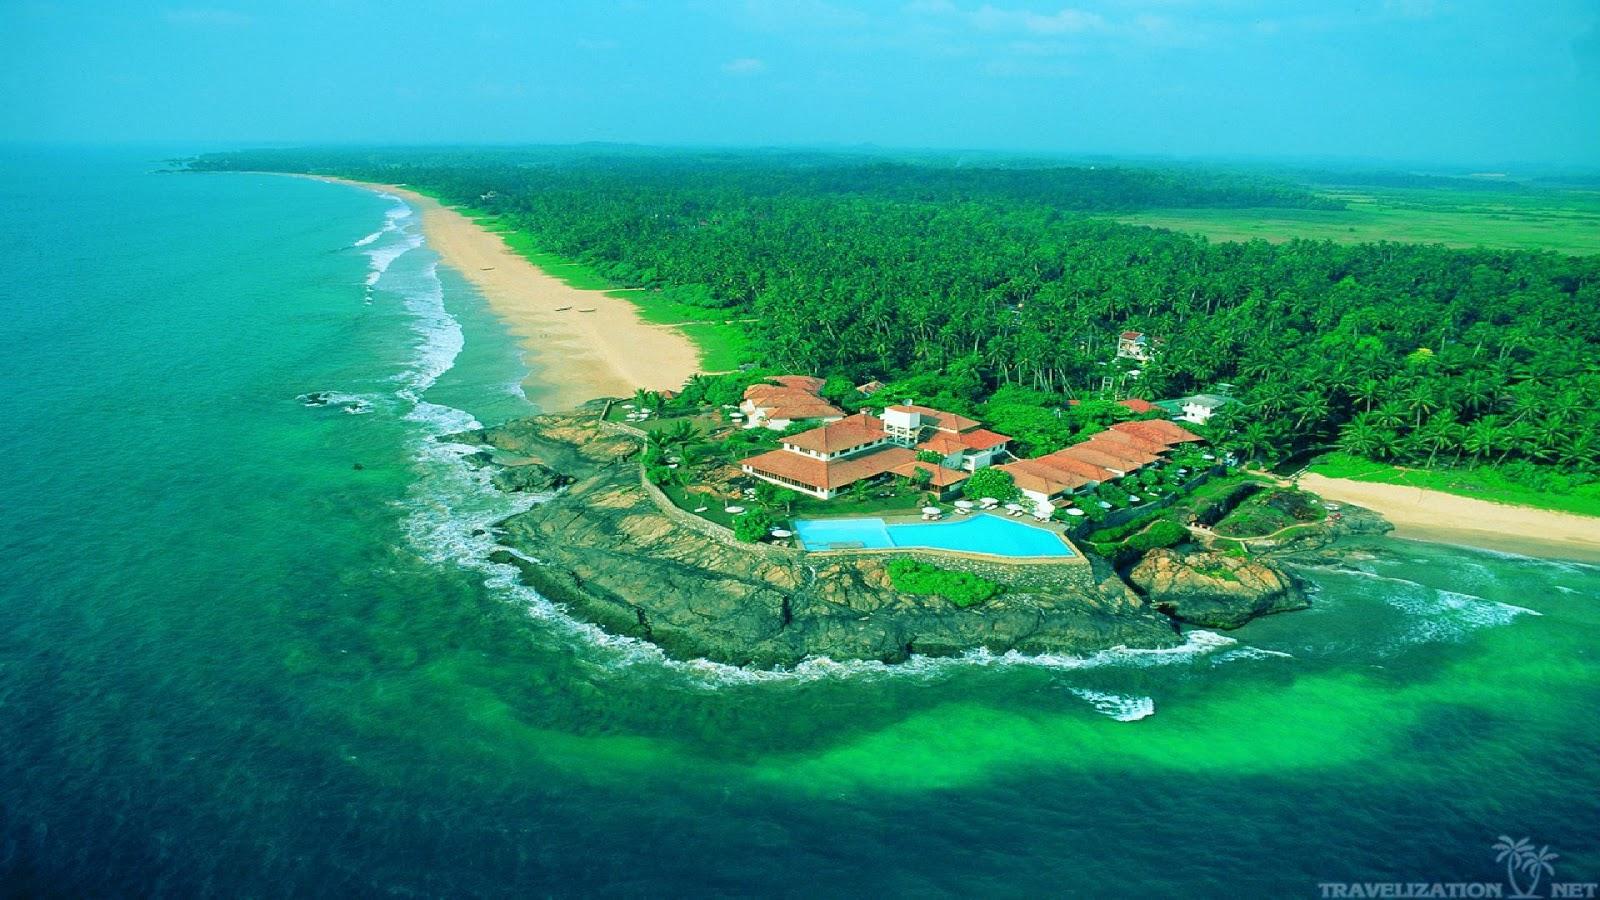 008 Essay Example Beautiful Resort Sri Lanka Wallpapers 1920x1080 Natural Resources Fantastic In Full